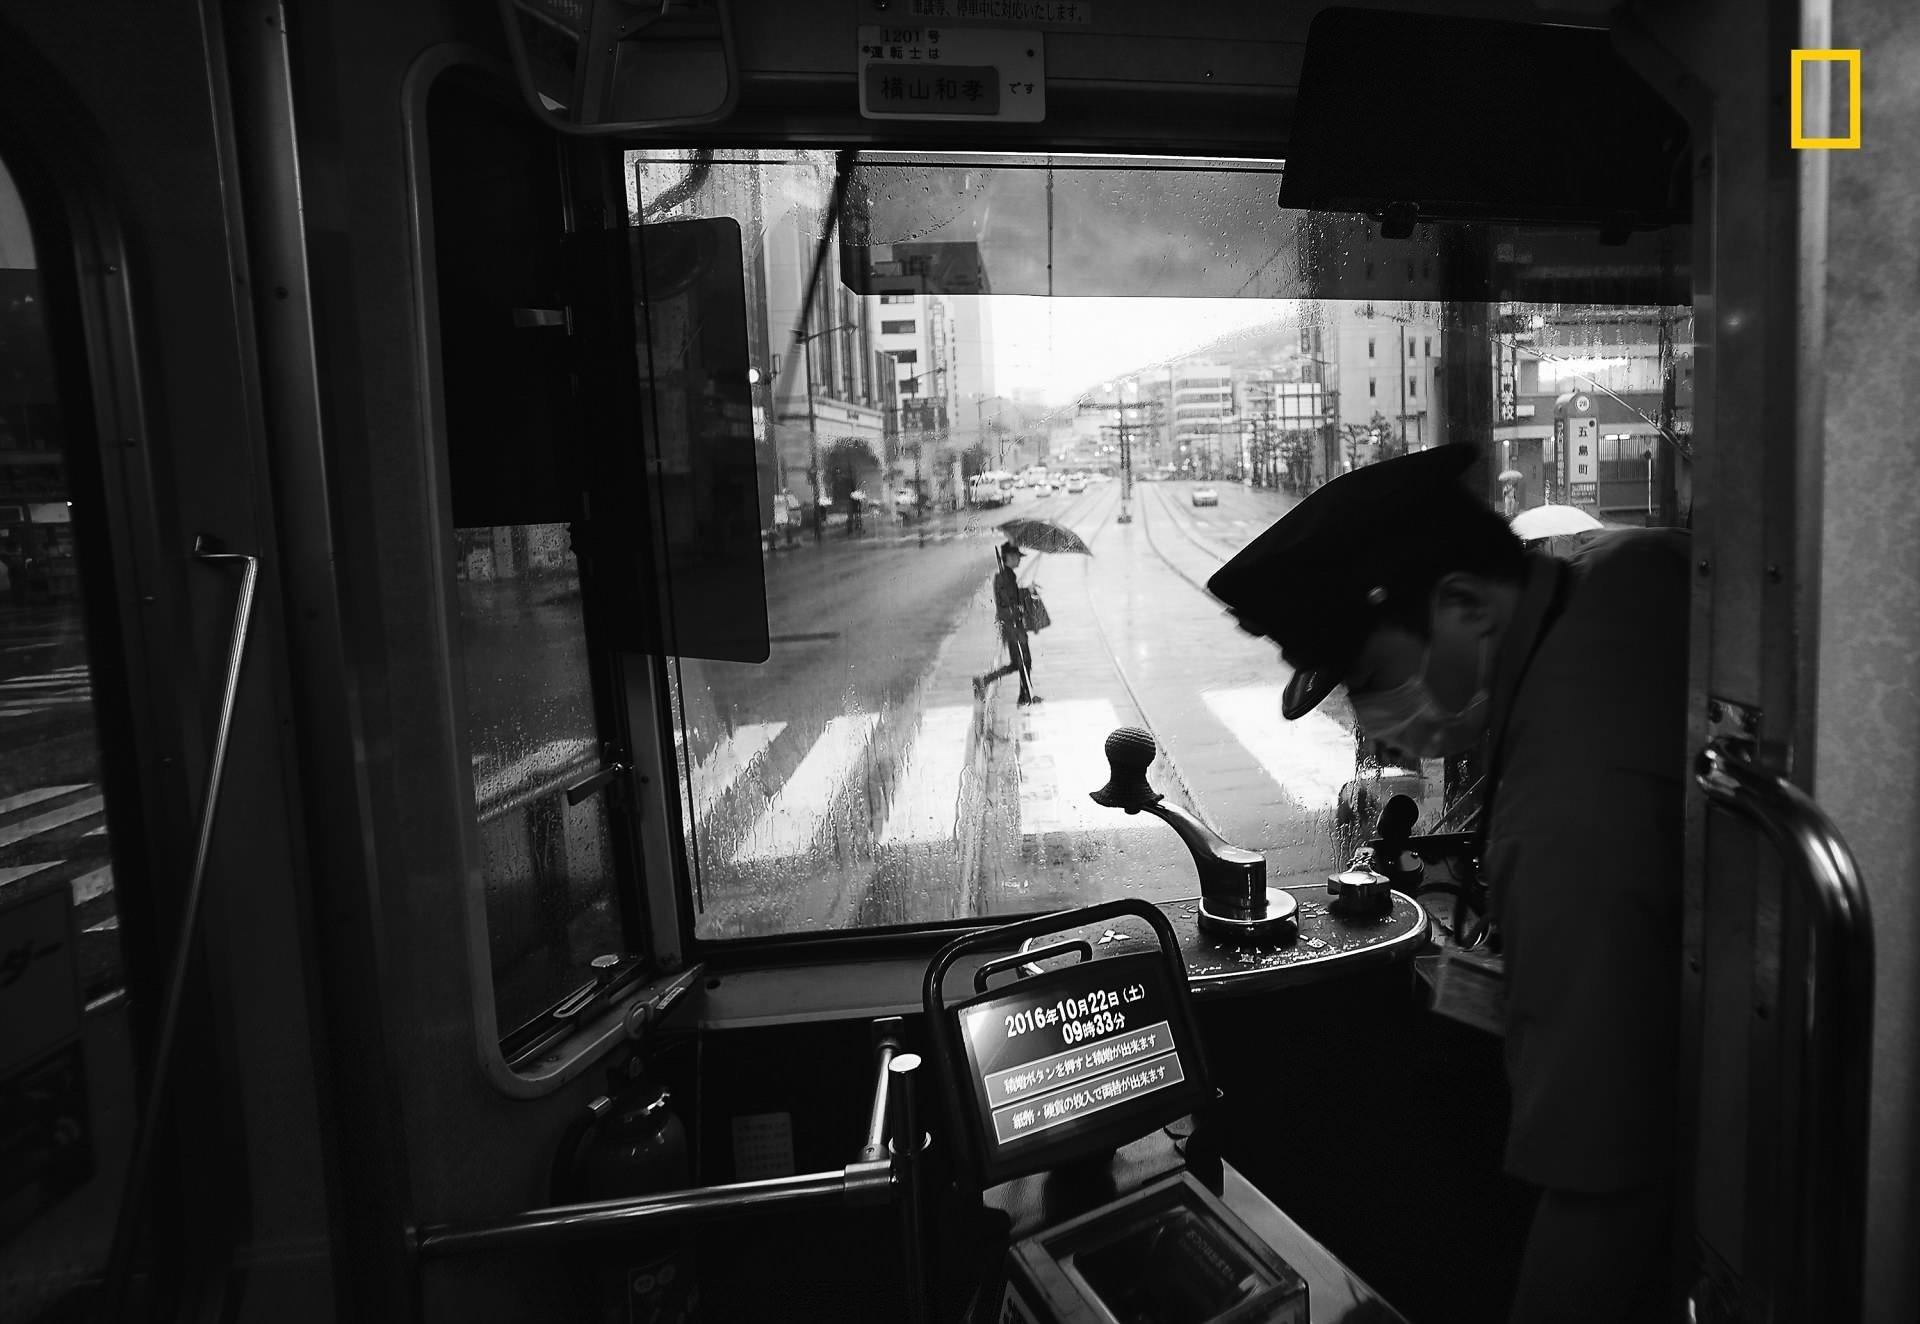 """Фото: Hiro Kurashina. Нагасаки, Япония. Первое место в категории """"города"""" National Geographic Traveler, national geograhic, лучшие фотографии, победители, победители конкурса, фотографии года, фотоконкурс"""